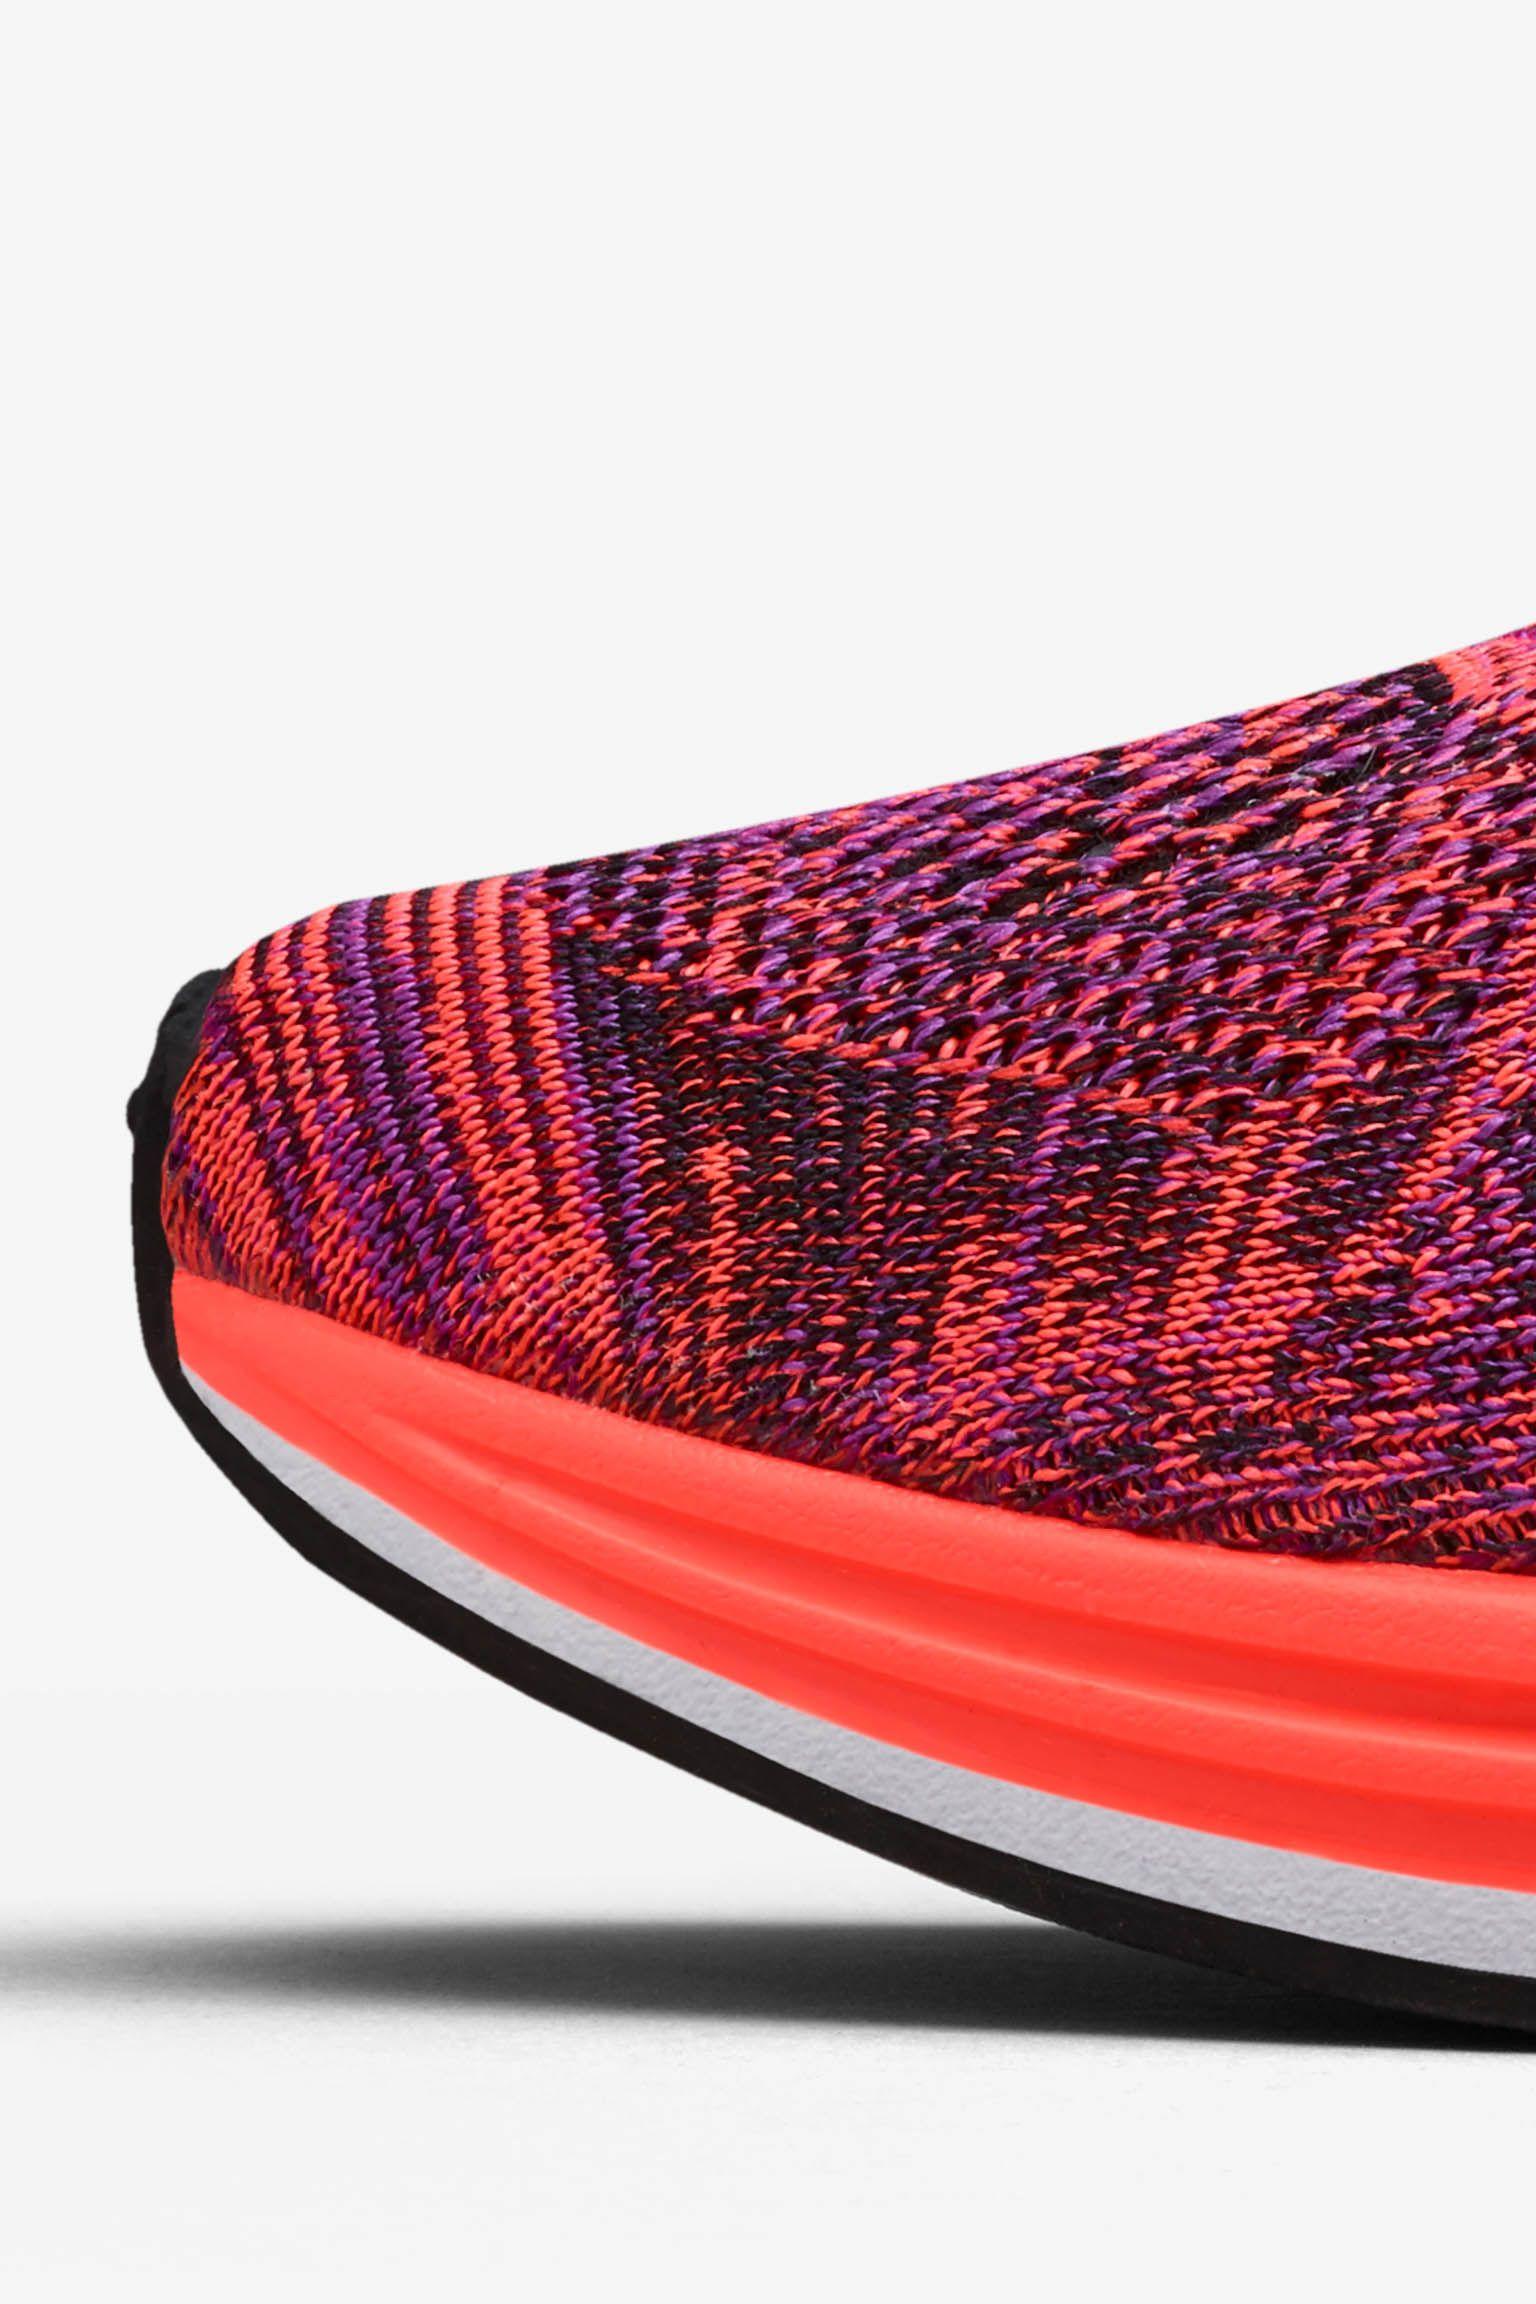 Nike Flyknit Racer 'Acai Berry' Release Date